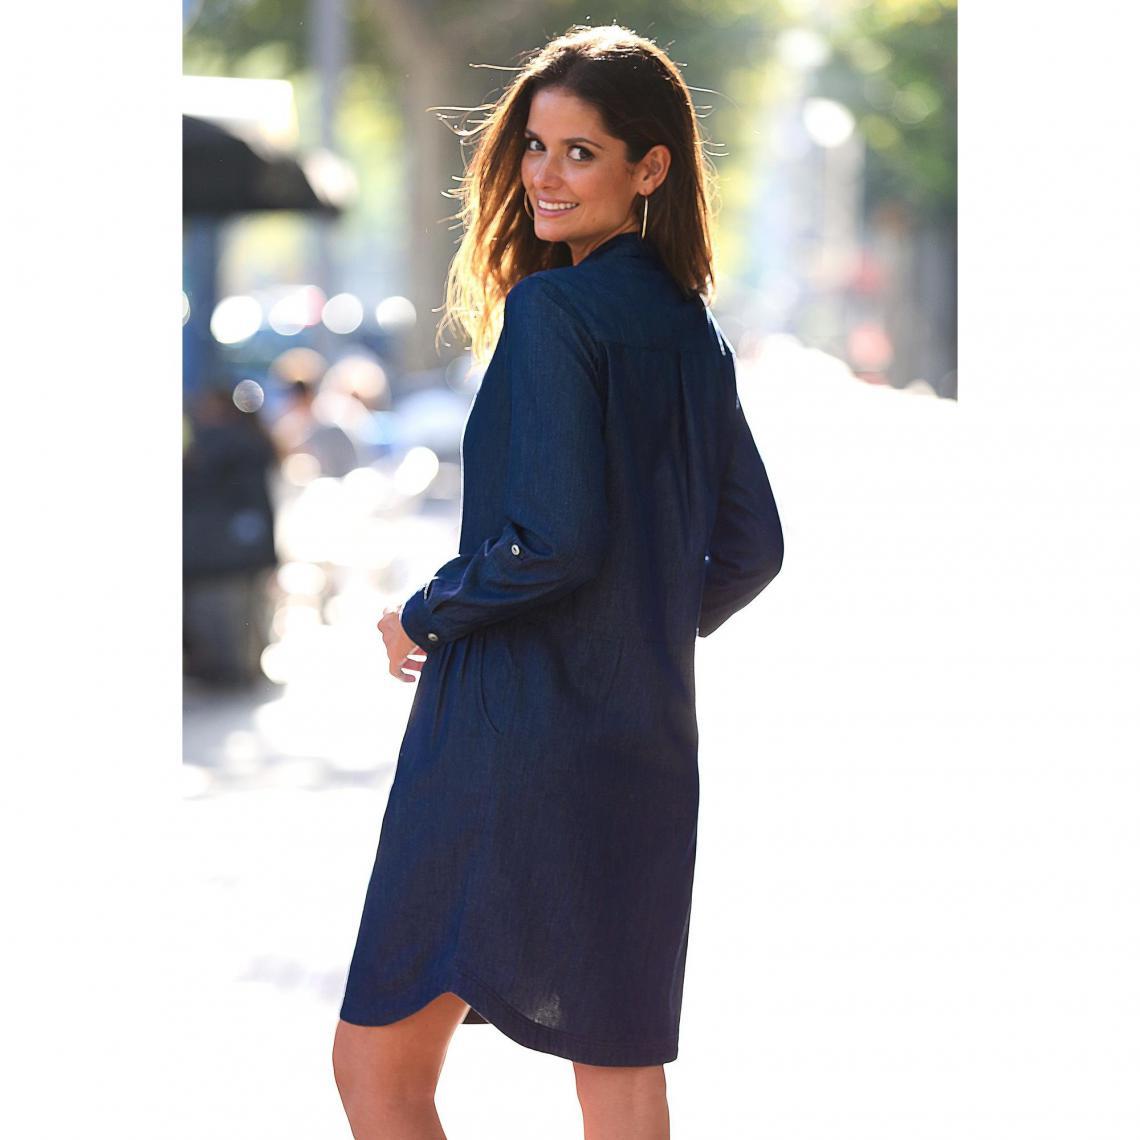 e7d047215bf Robe en jean manches longues col chemise femme - bleu foncé